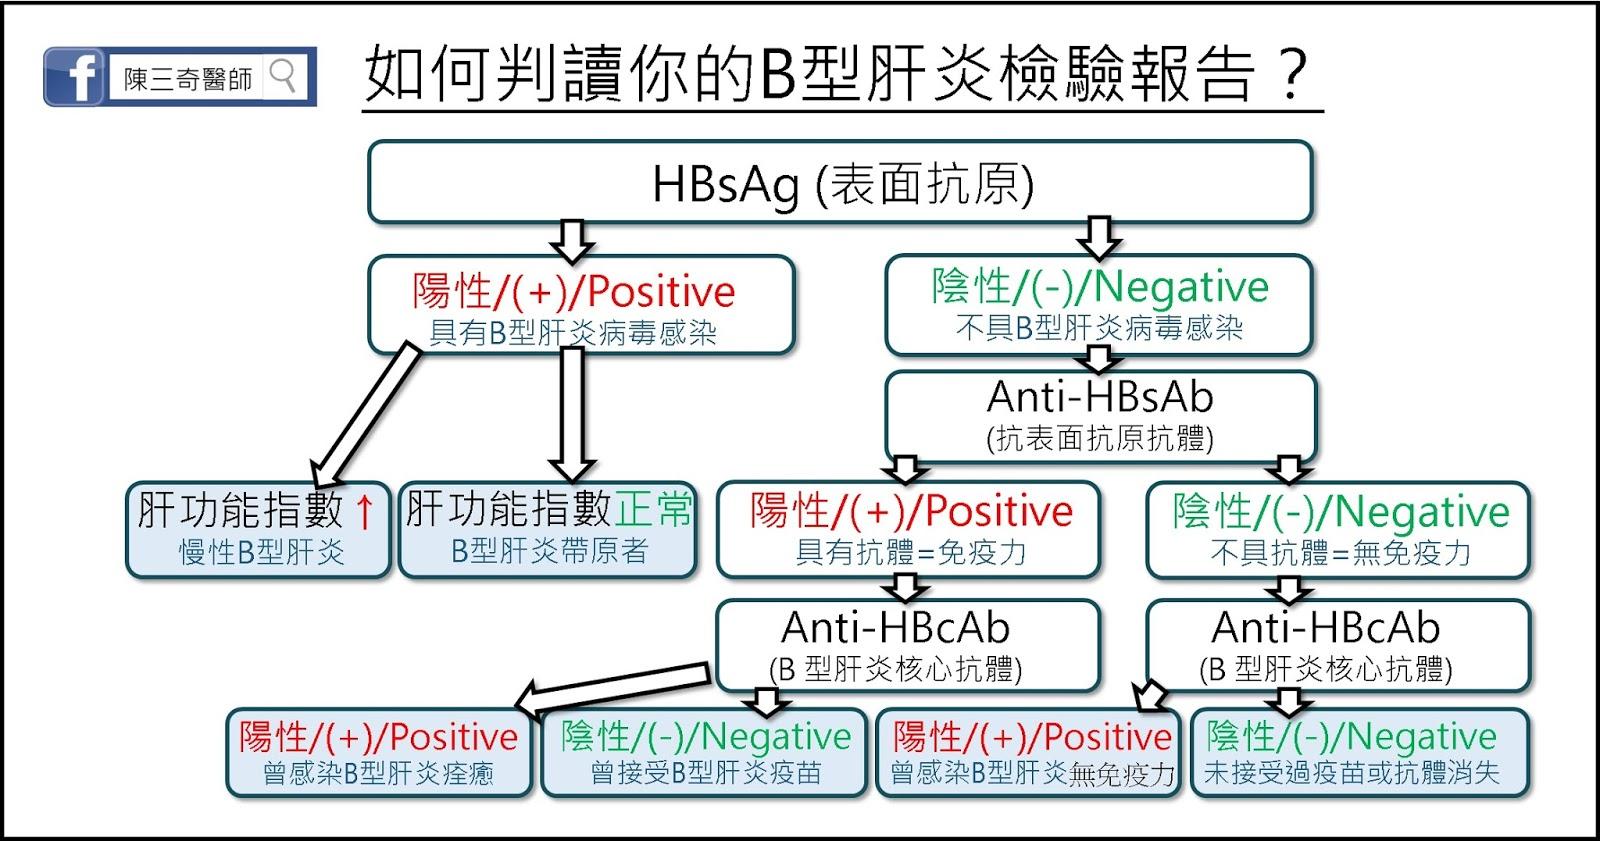 陳三奇醫師: 肝癌-一分鐘快速判讀B型肝炎檢驗報告